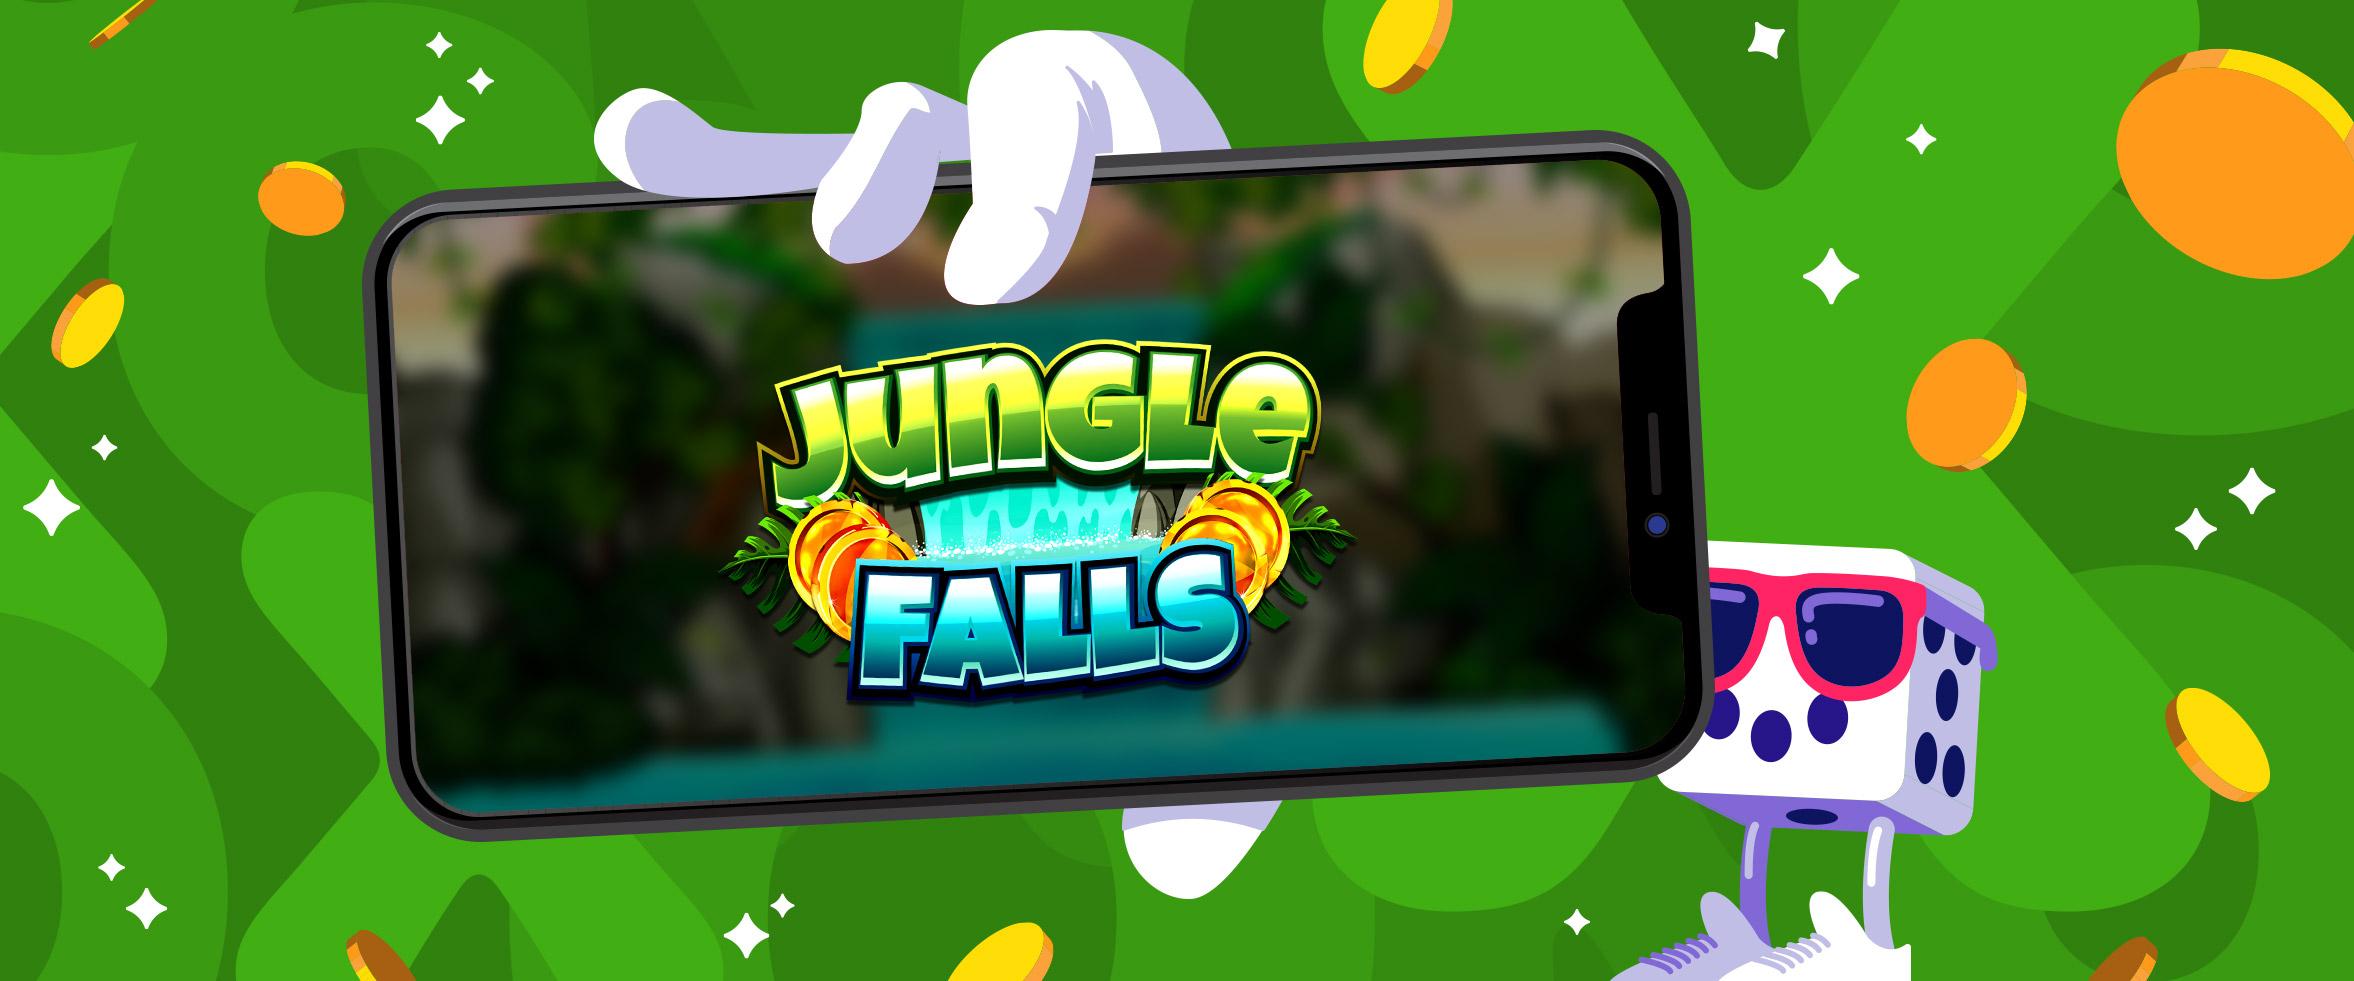 Prøv det eksklusive nye spillet Jungle Falls med Dobbel Hastighet